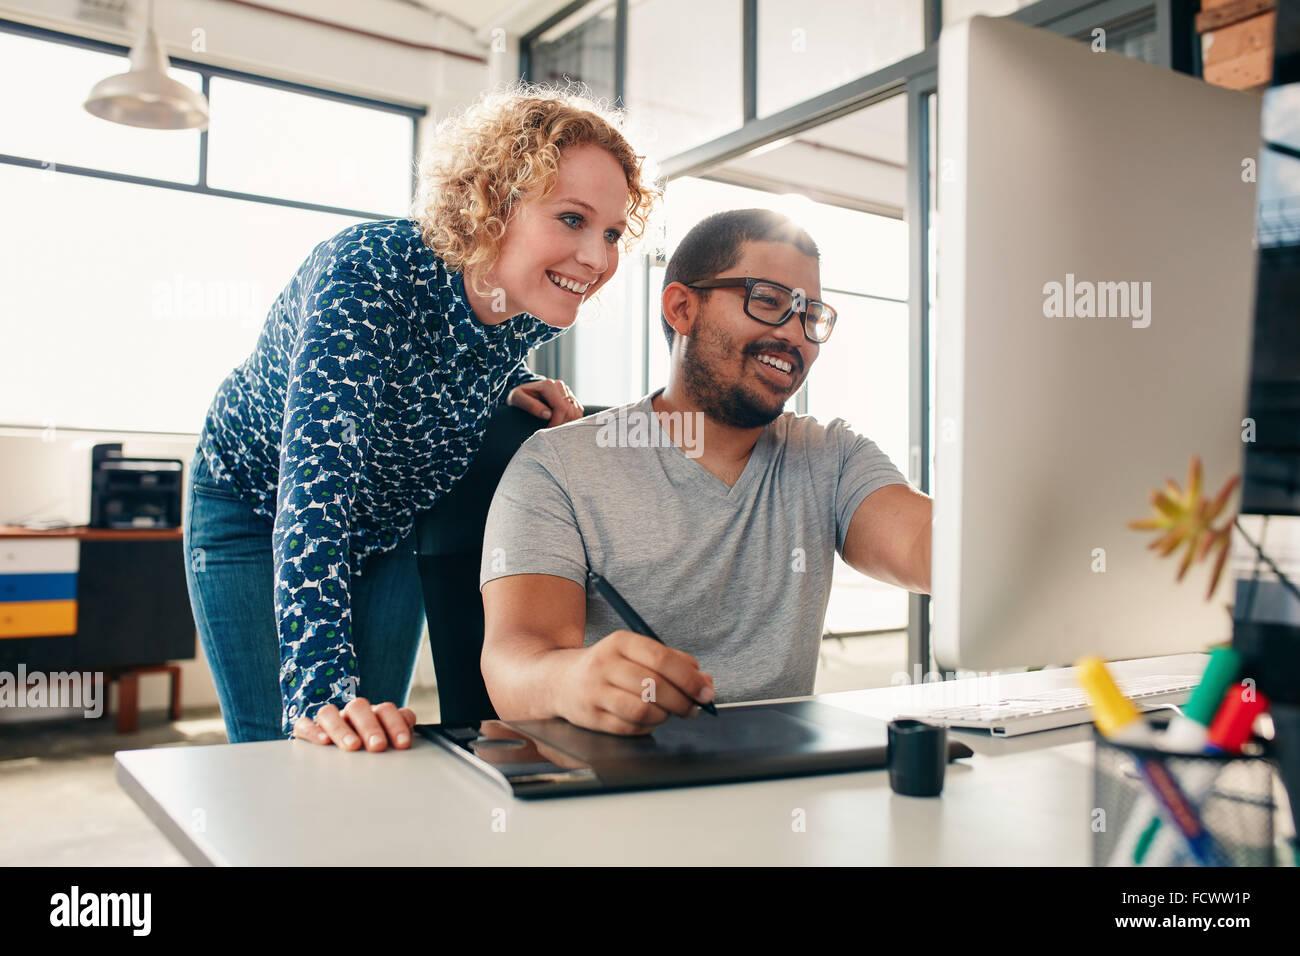 Zwei junge männliche und weibliche Designer gemeinsam mit Mann, die Bearbeitung von Bildmaterial mit Grafiktablett Stockbild